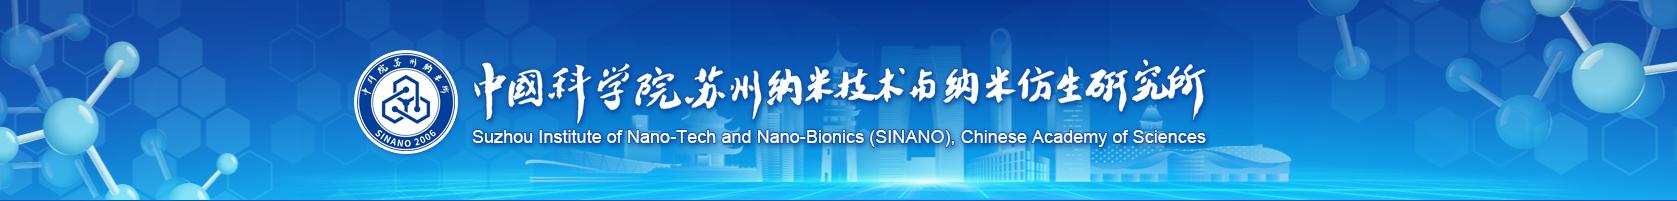 中国科学院苏州纳米技术与纳米仿生研究所案例